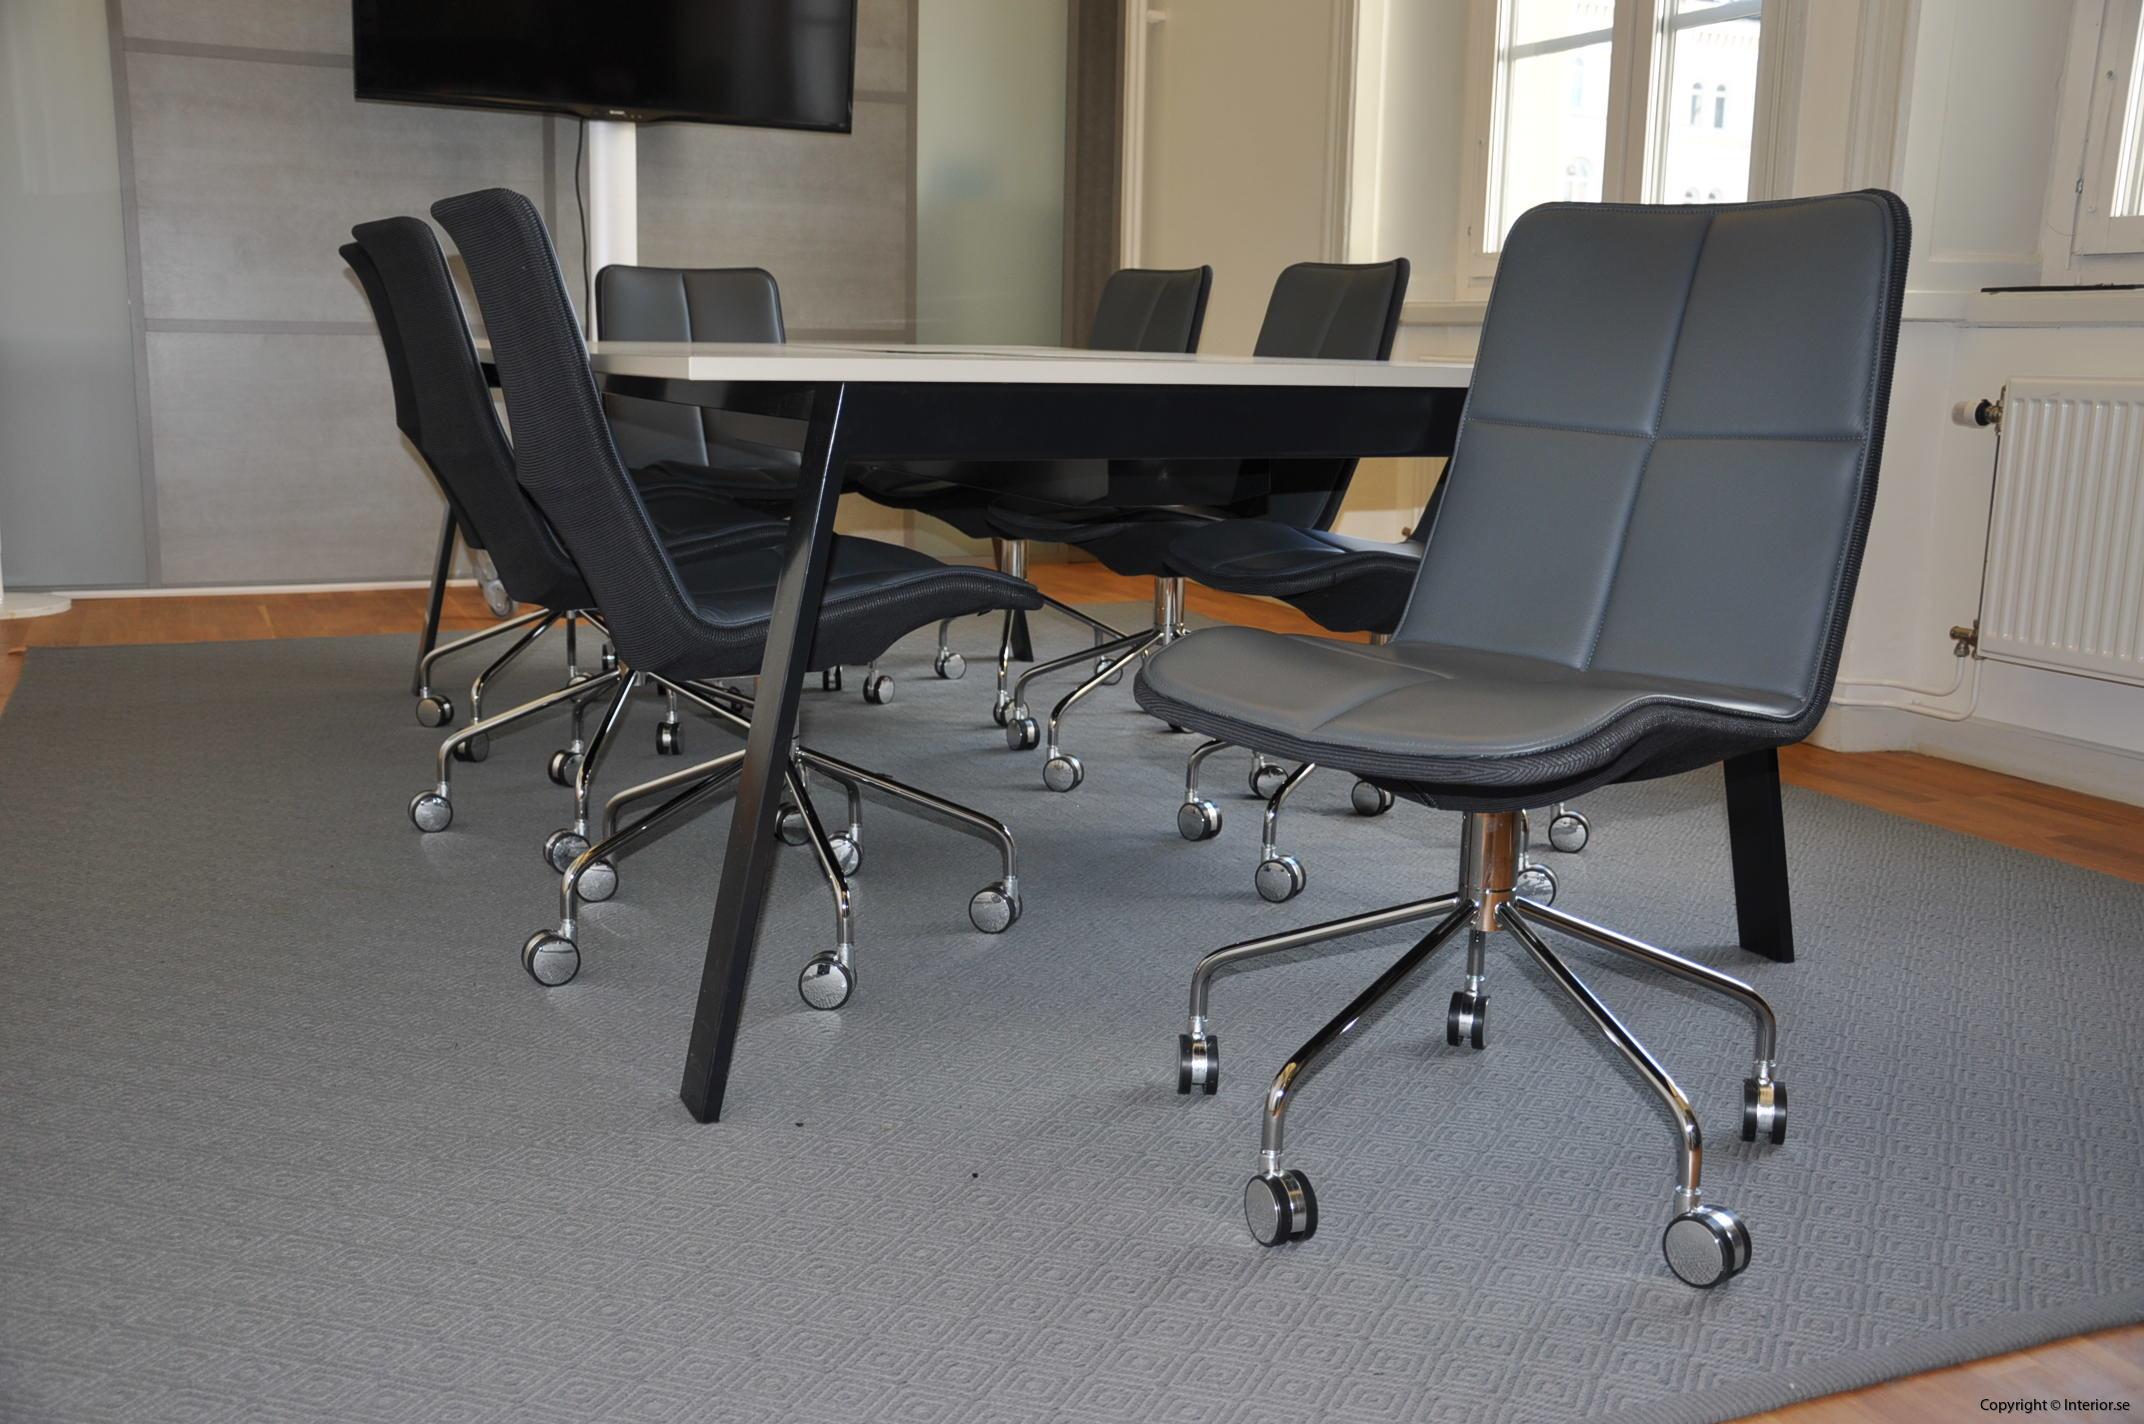 Konferensgrupp Swedese Kite & Edsbyn Piece begagnade konferensmöbler (3)